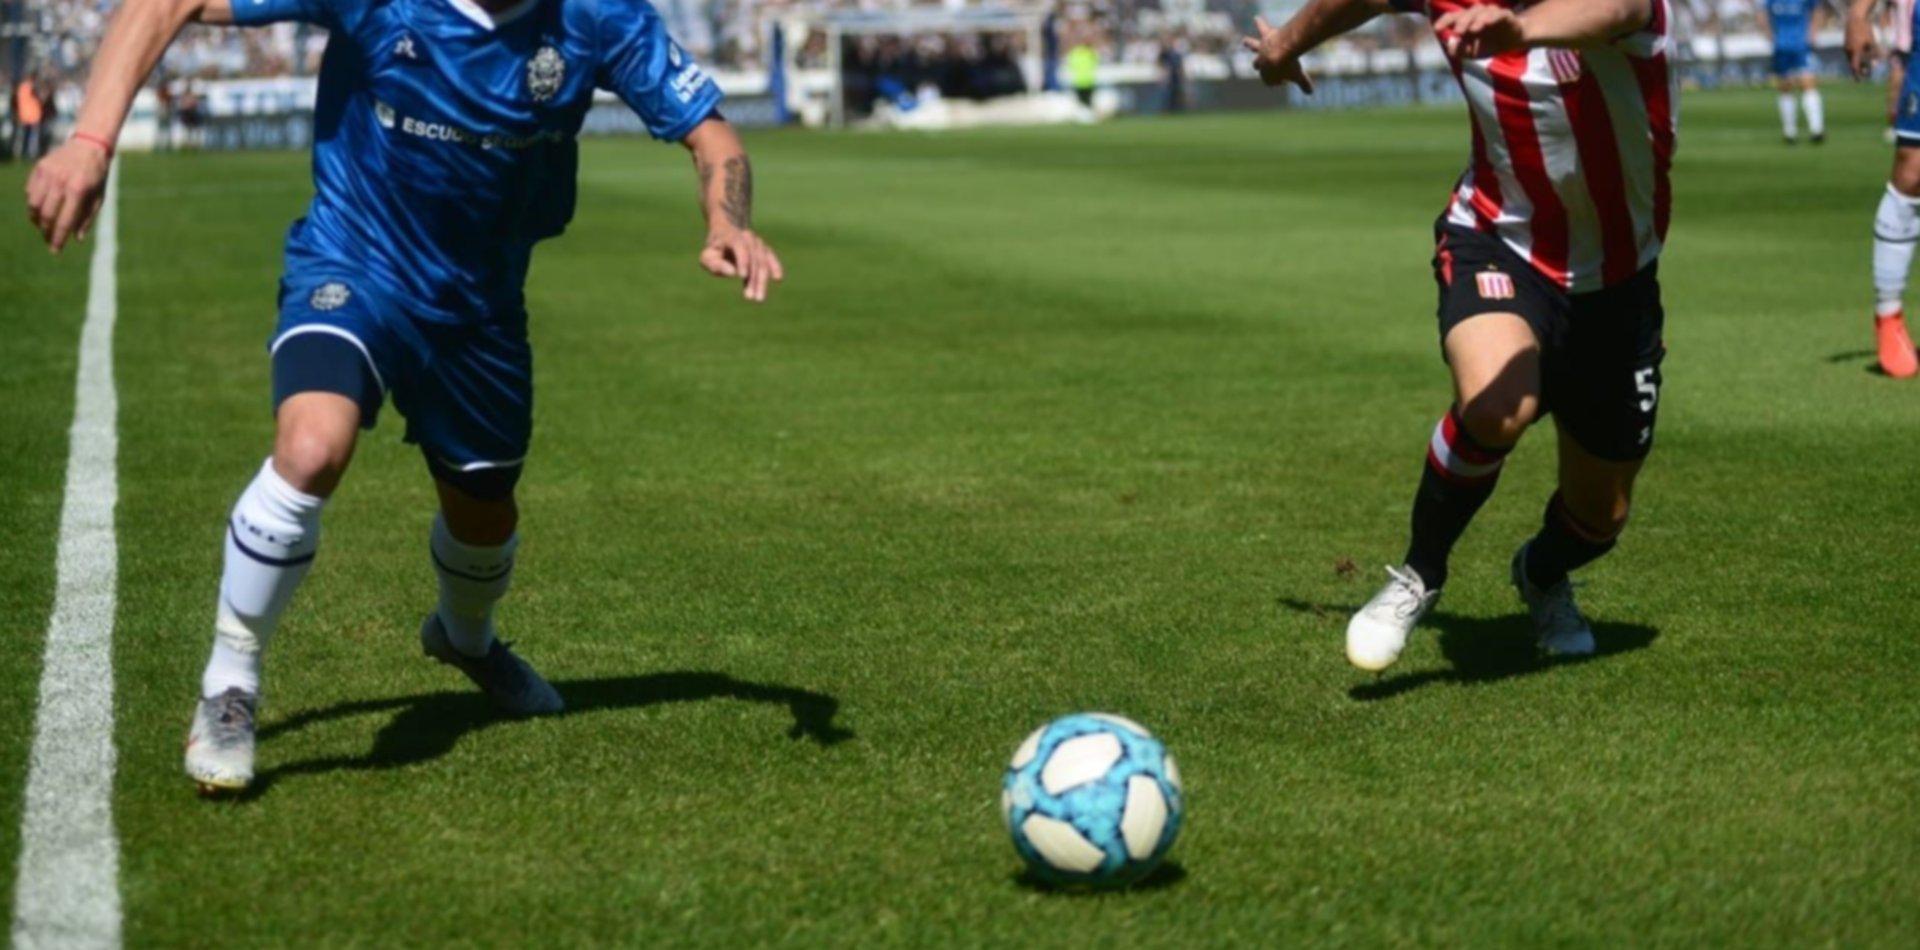 La AFA y el Gobierno decidieron posponer la vuelta del fútbol